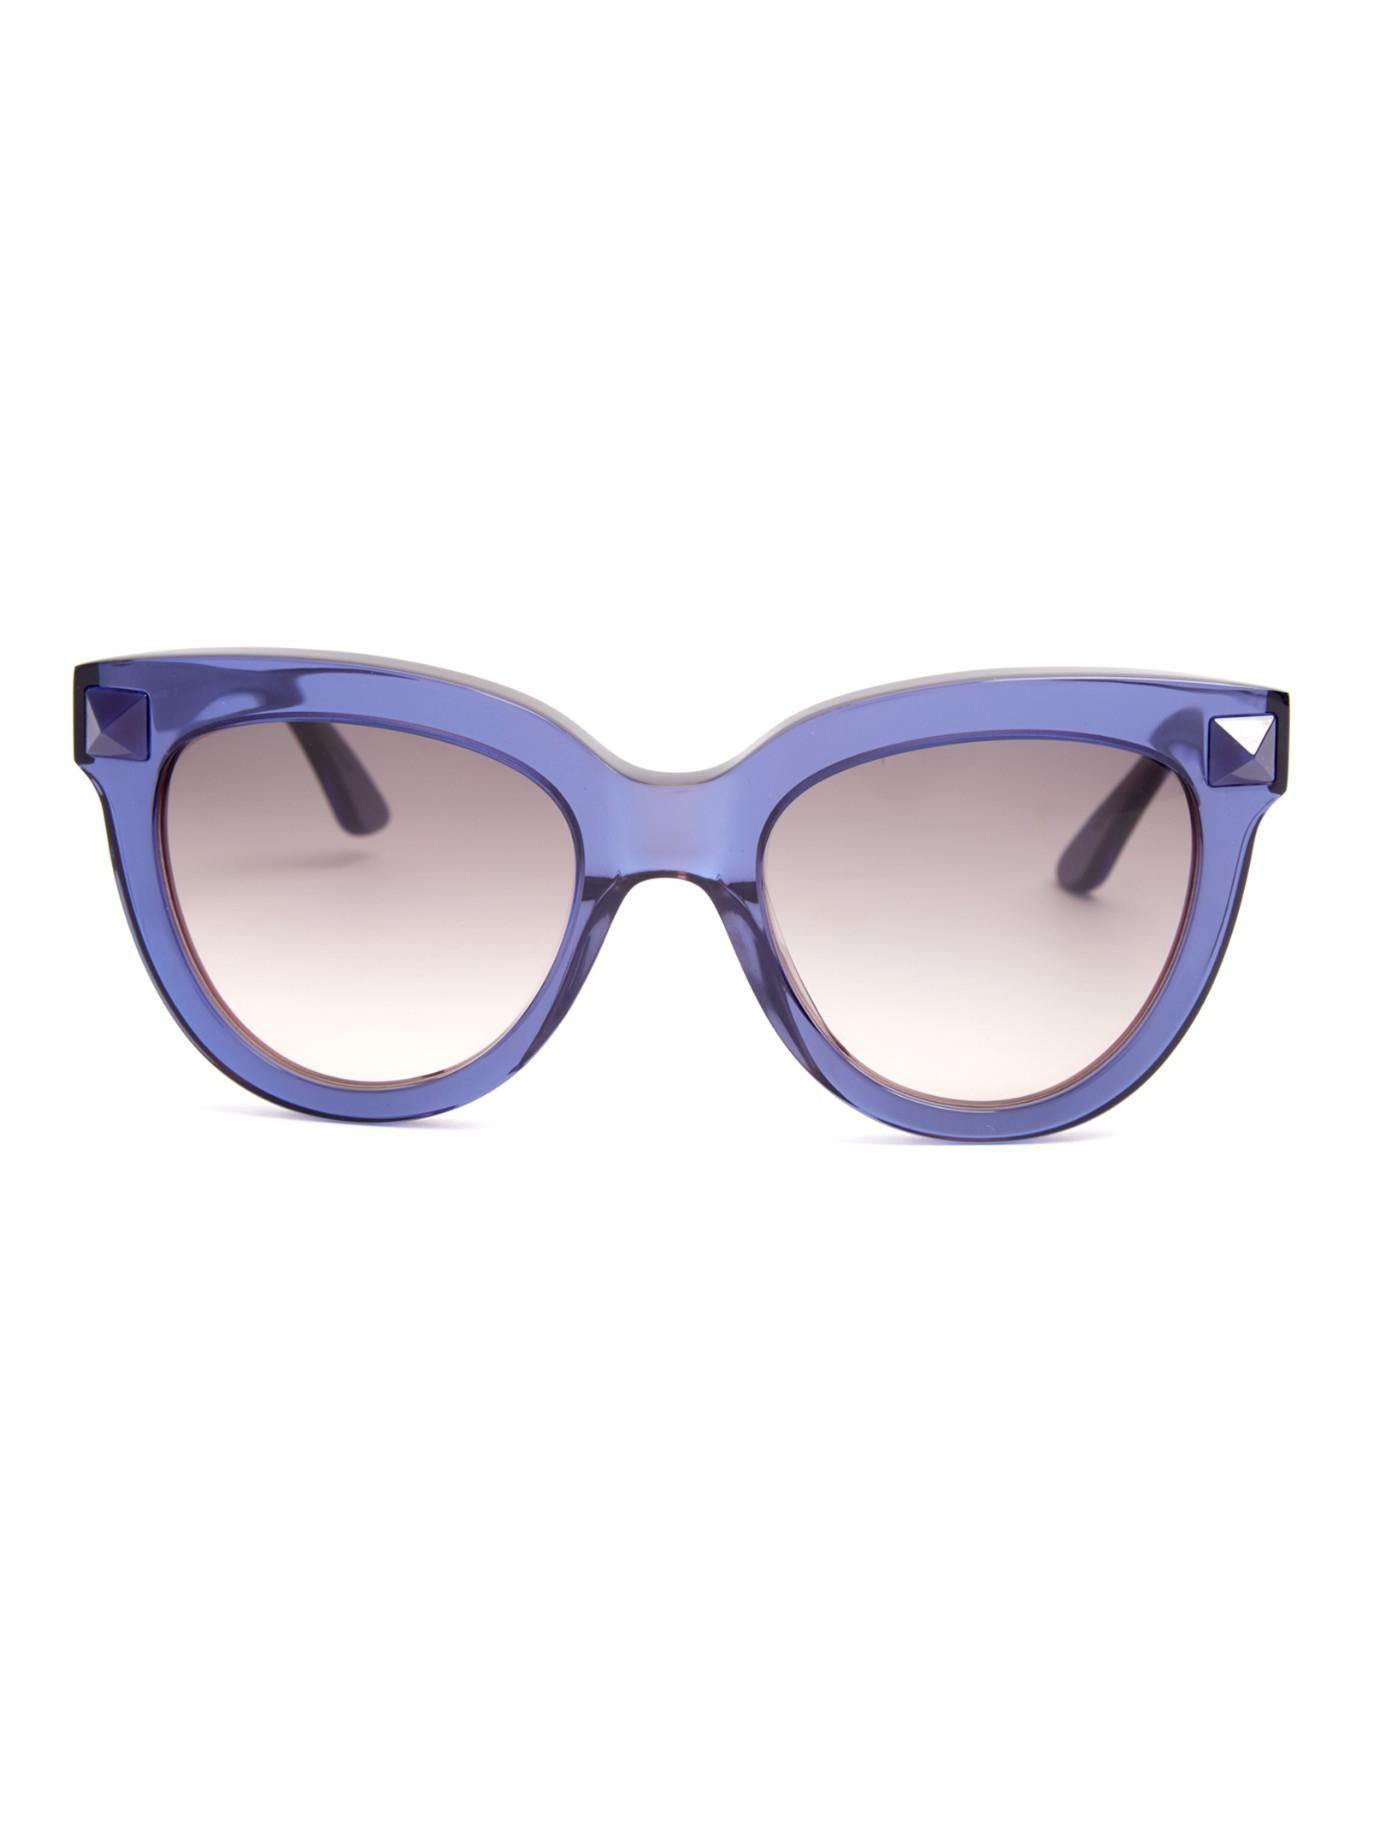 3d0f88265db8 Valentino Rockstud Cat-eye Frame Sunglasses in Blue - Lyst